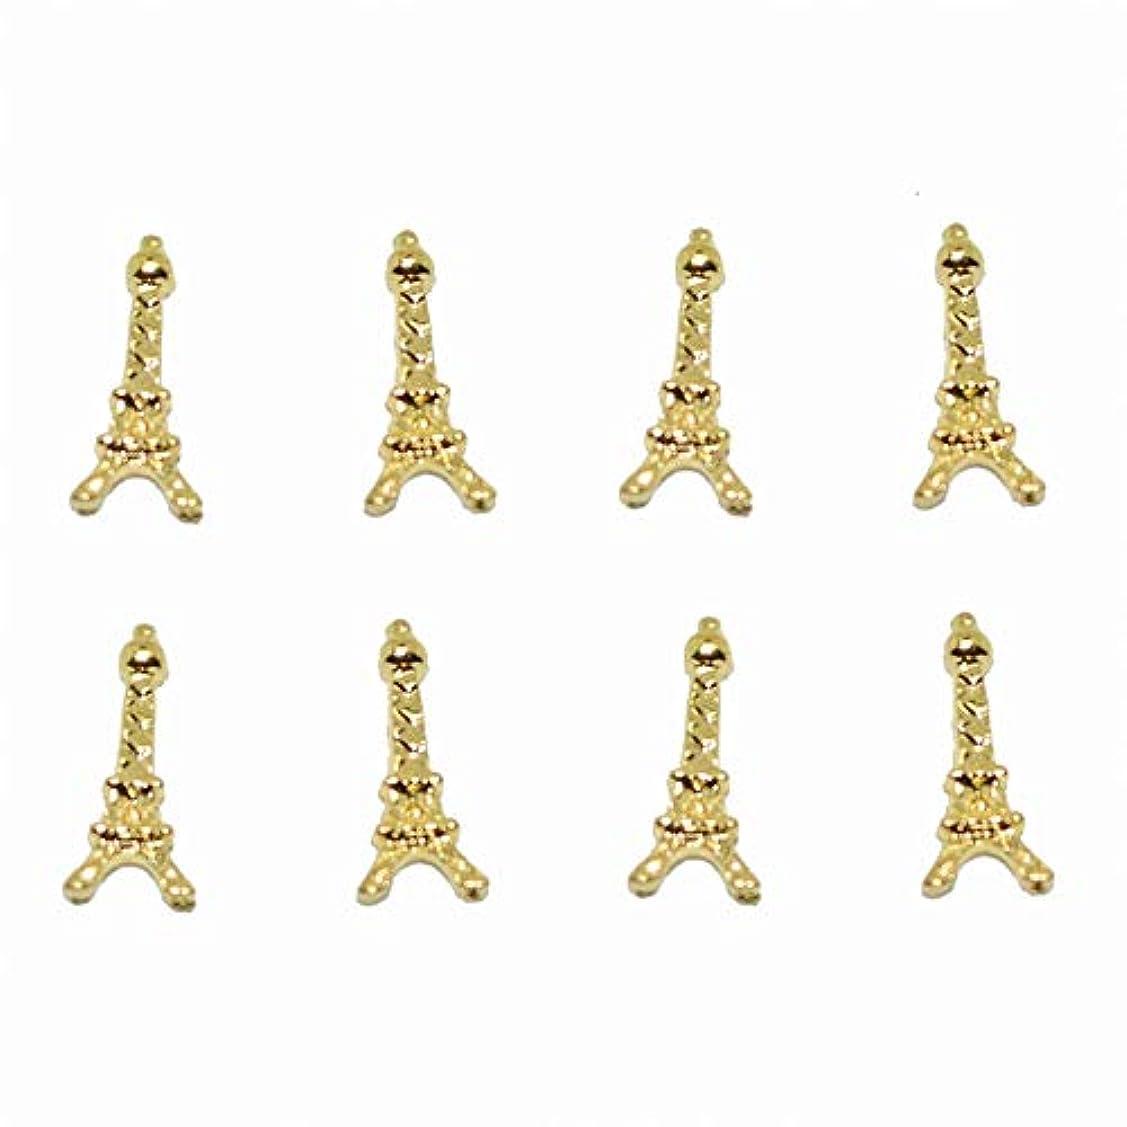 ローズ砂のクローン100ピース新しいゴールドエッフェル塔3Dネイルアート装飾合金ネイルチャーム、ネイルラインストーンネイル用品